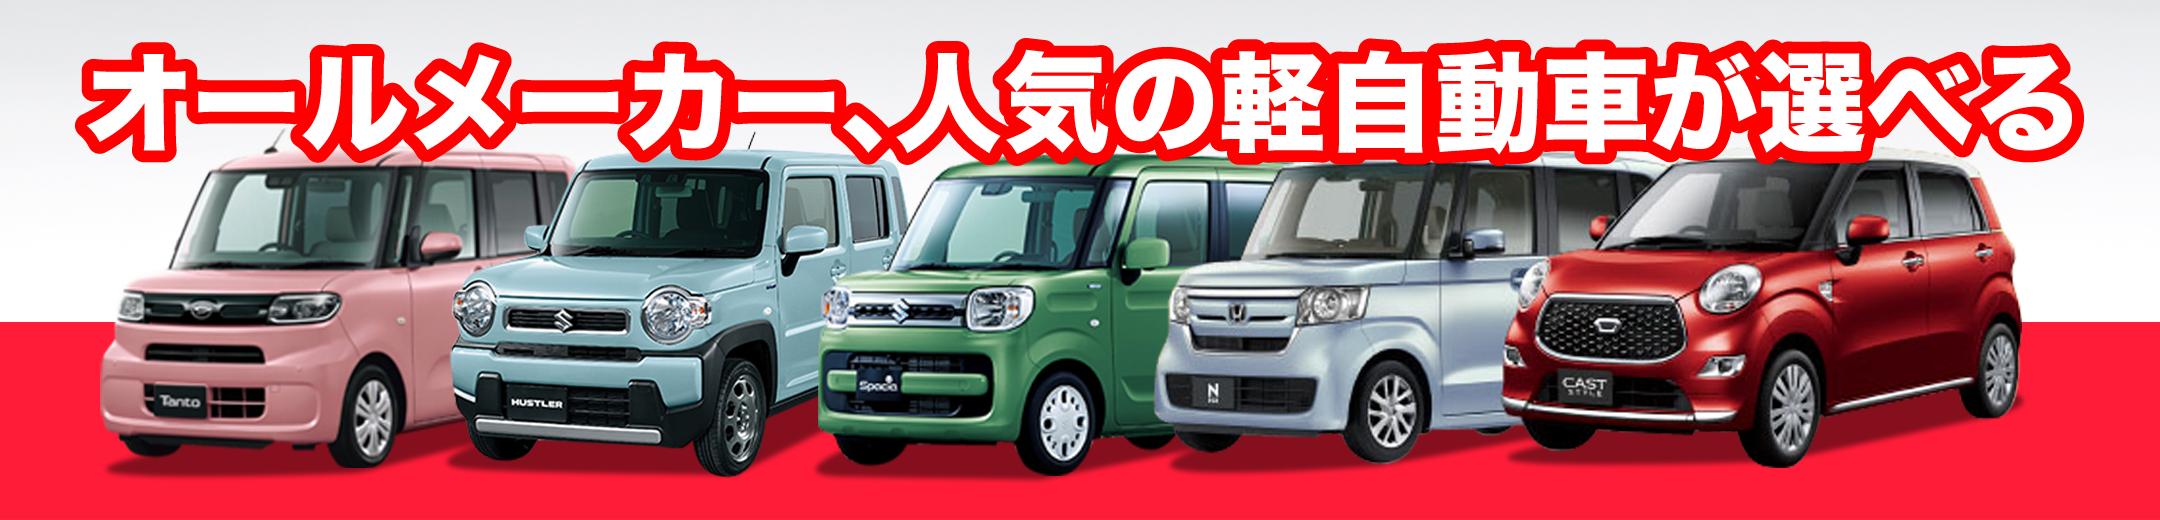 フラット7東広島の人気カーリース車両を探す